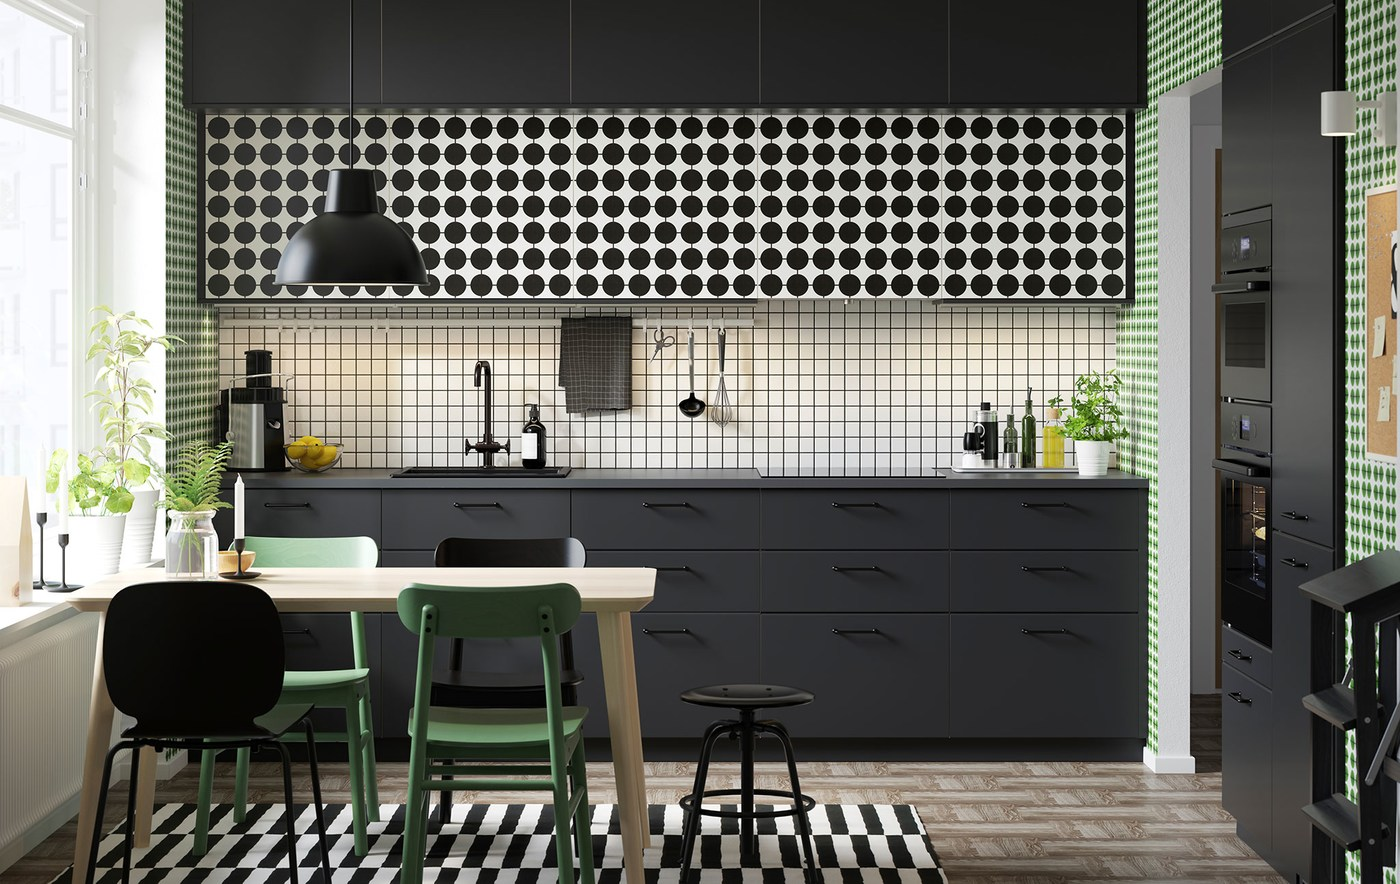 Muebles de cocina dise os de cocinas ikea for Comedor completo a la meta